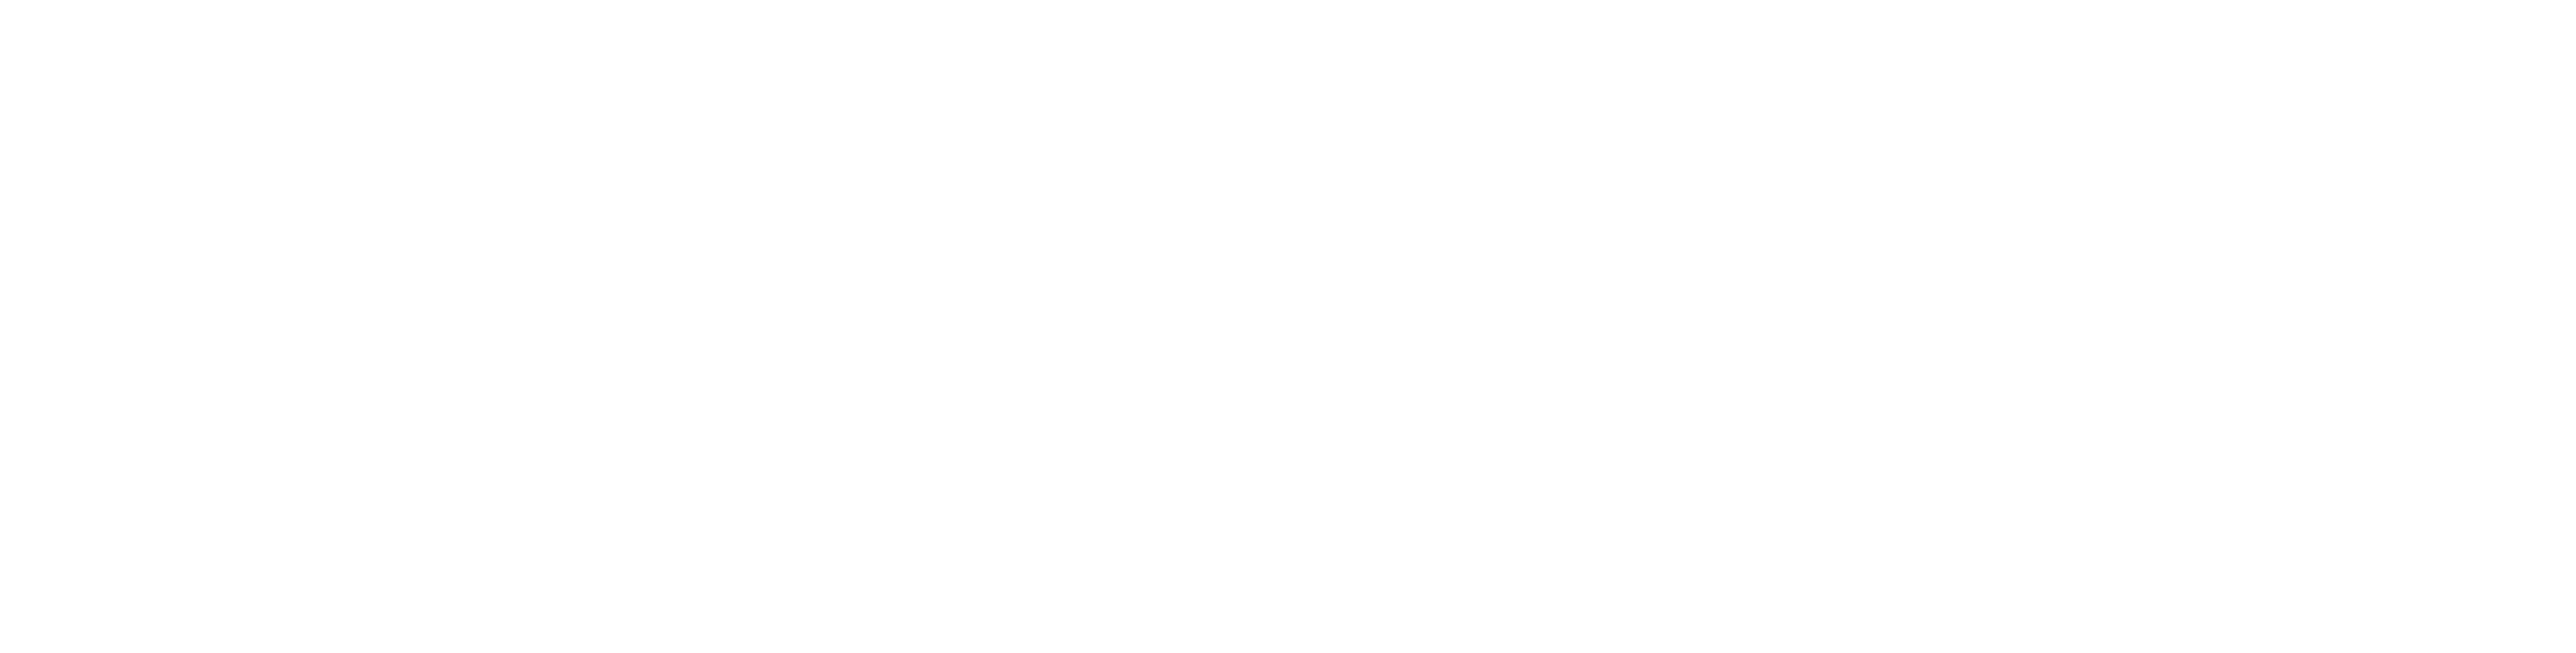 Logotipo Panel y Acanalados Monterrey PNG blanco